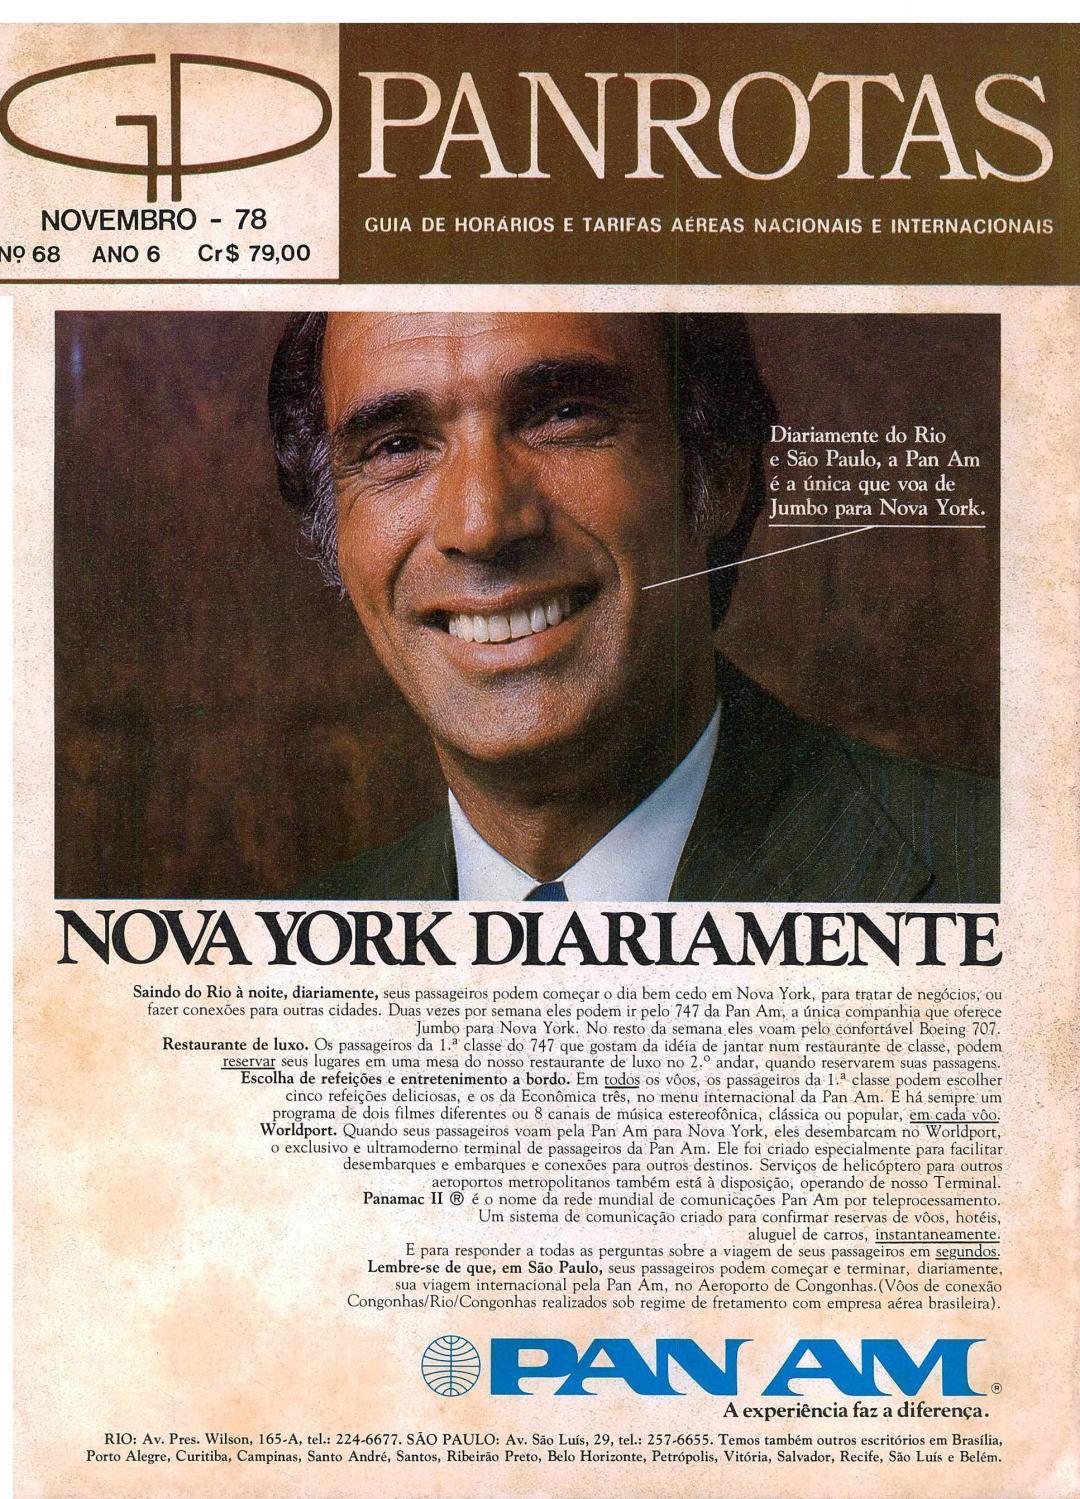 74d3309f8 Guia PANROTAS - Edição 68 - Novembro/1978 by PANROTAS Editora - issuu